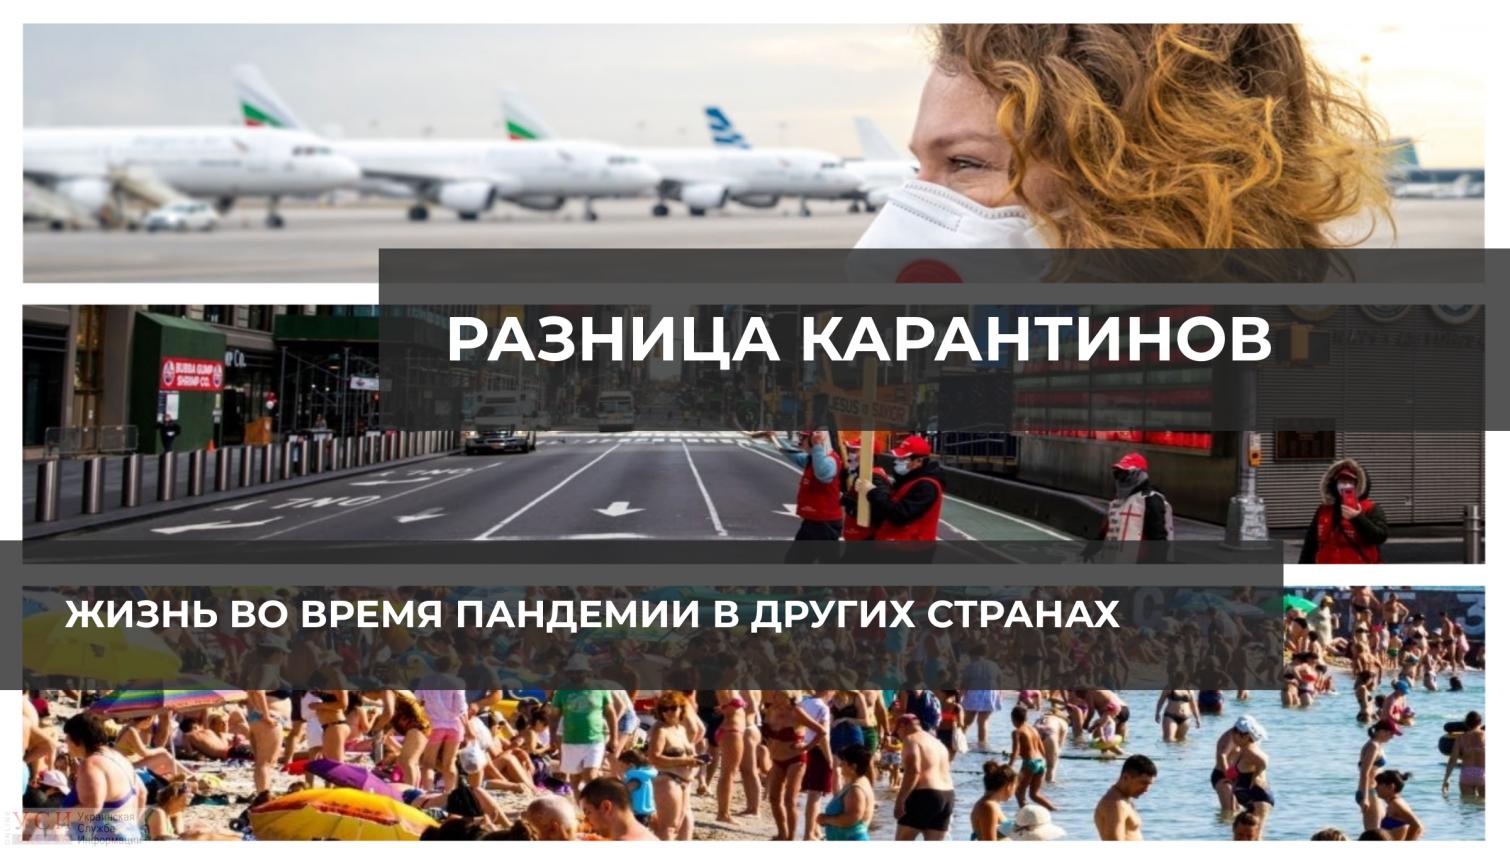 Разница карантинов: чем отличается жизнь во время пандемии в Украине от других стран «фото»